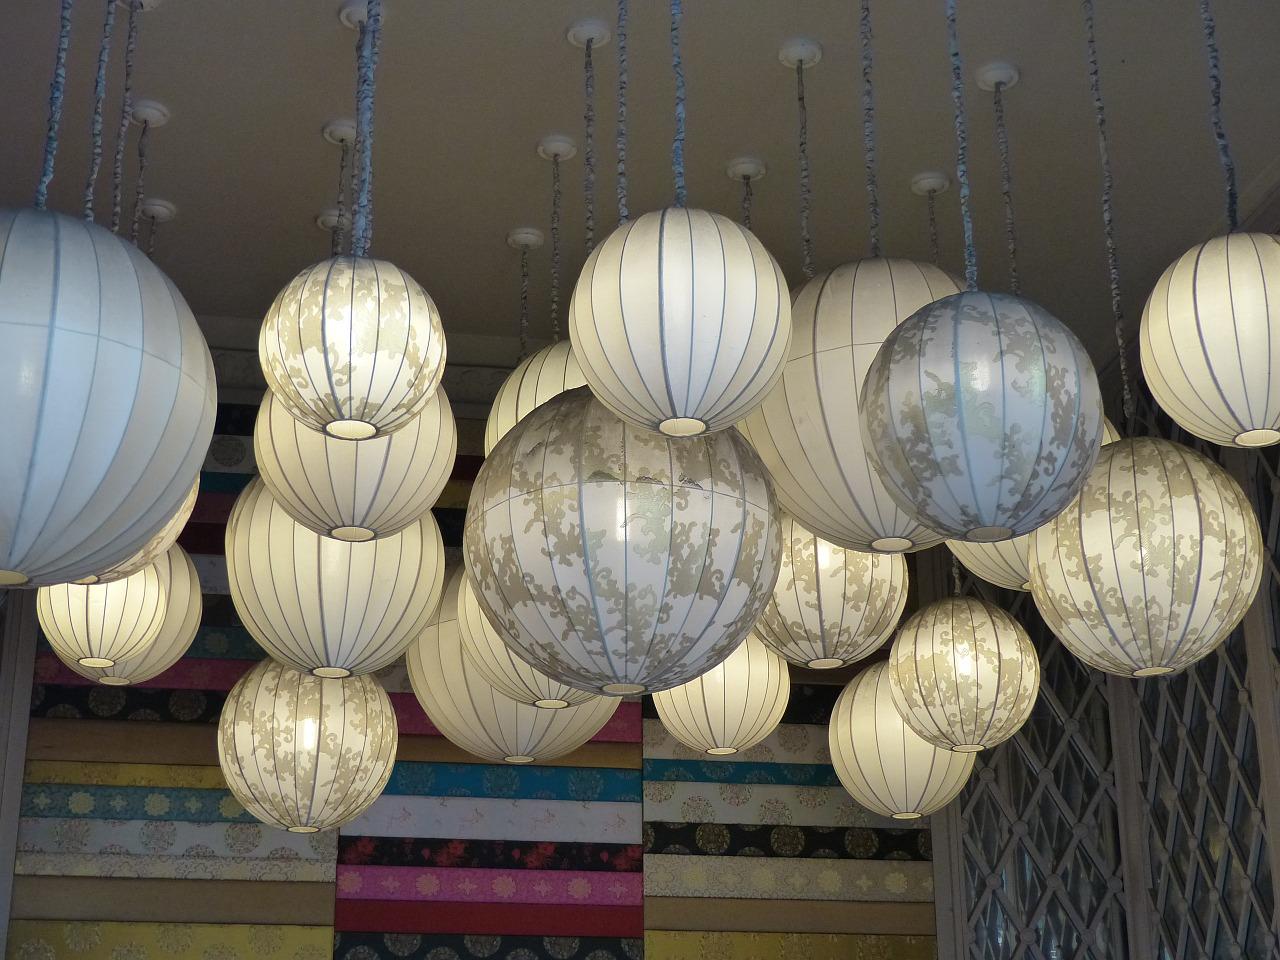 Choix des luminaires dans les différentes pièces